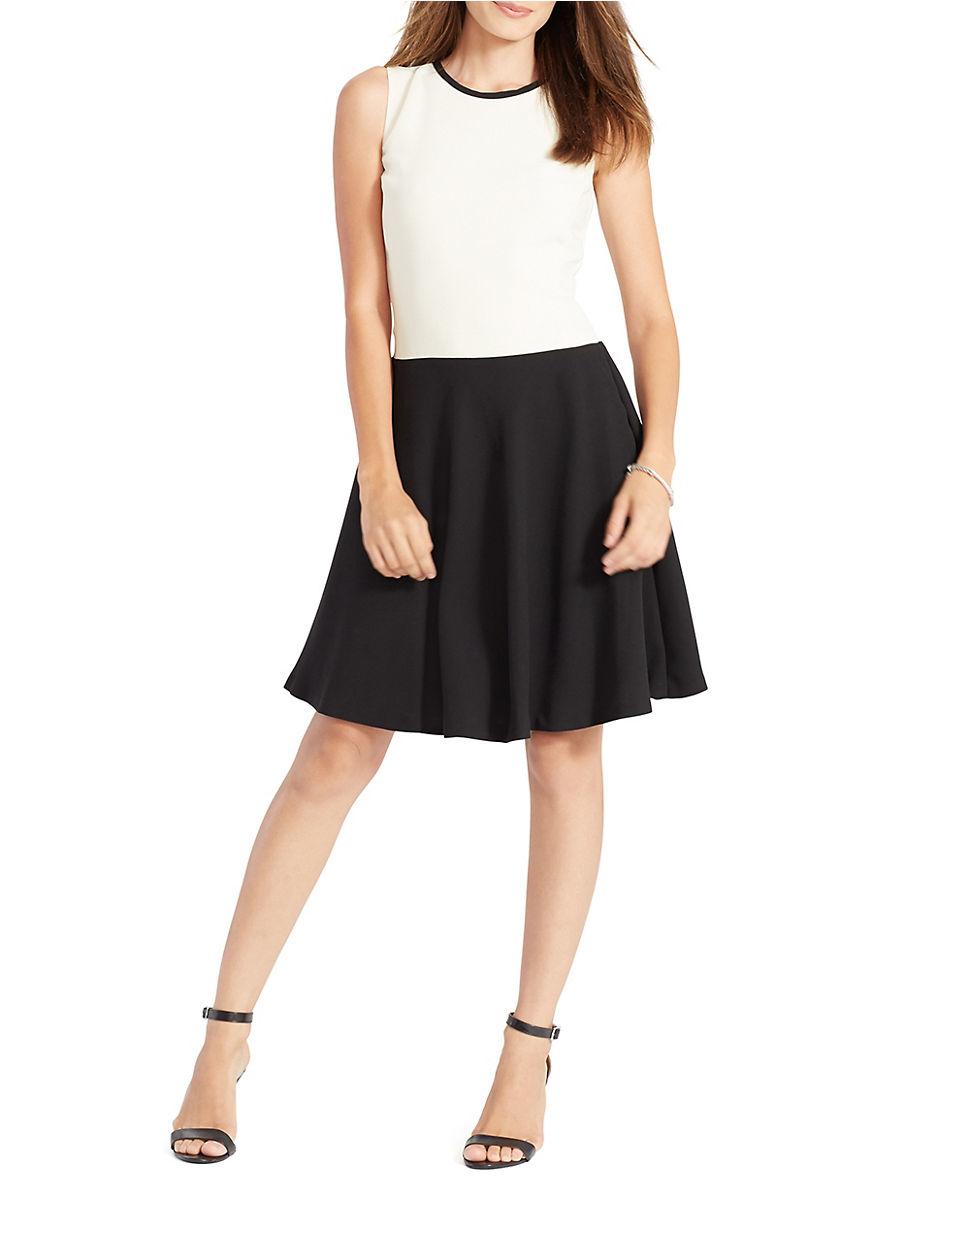 8f2ad6e56656 Lauren by ralph lauren Plus Faux-leather Sleeveless Yoke Sheath Dress in  Black